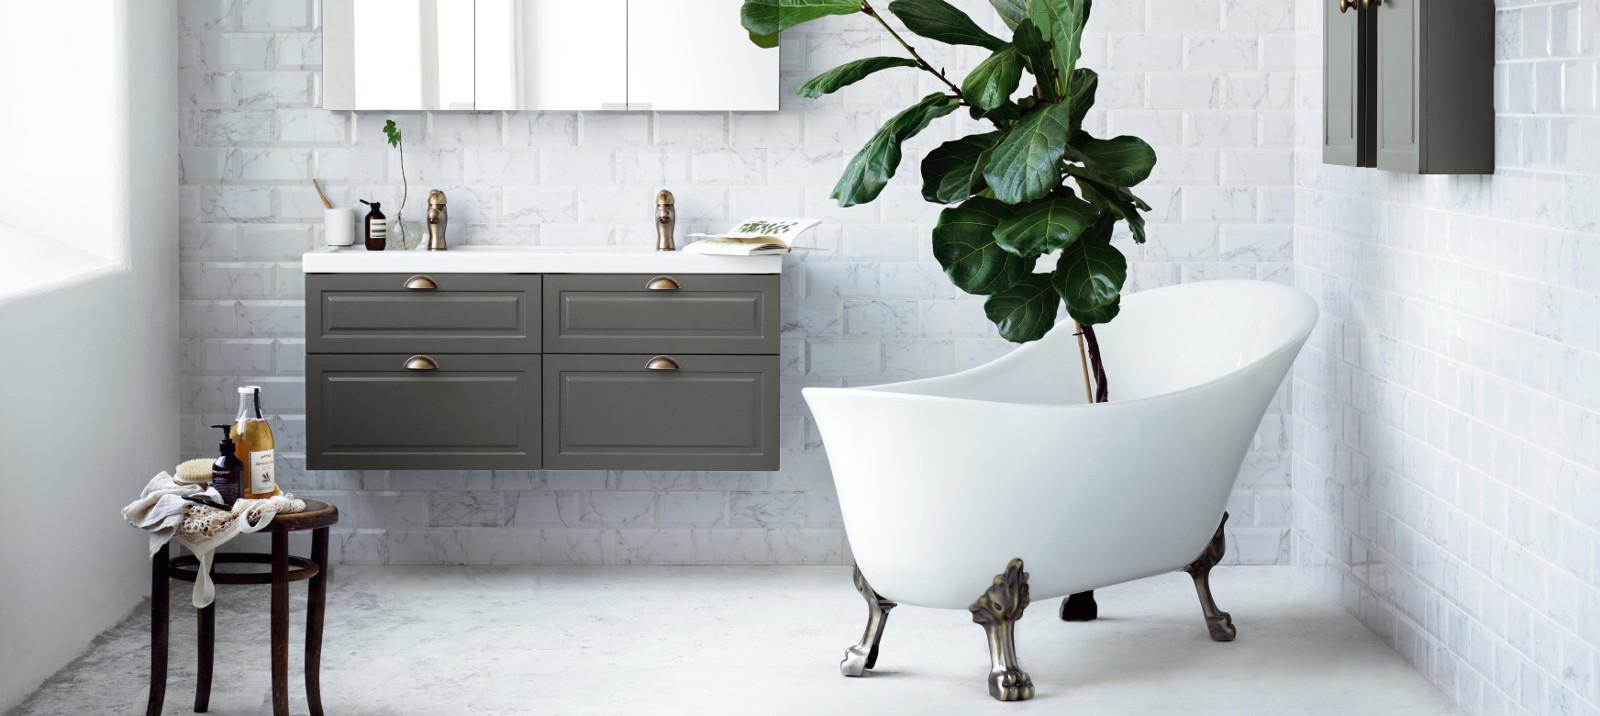 retro-henkinen ja tyylikäs kylpyhuone